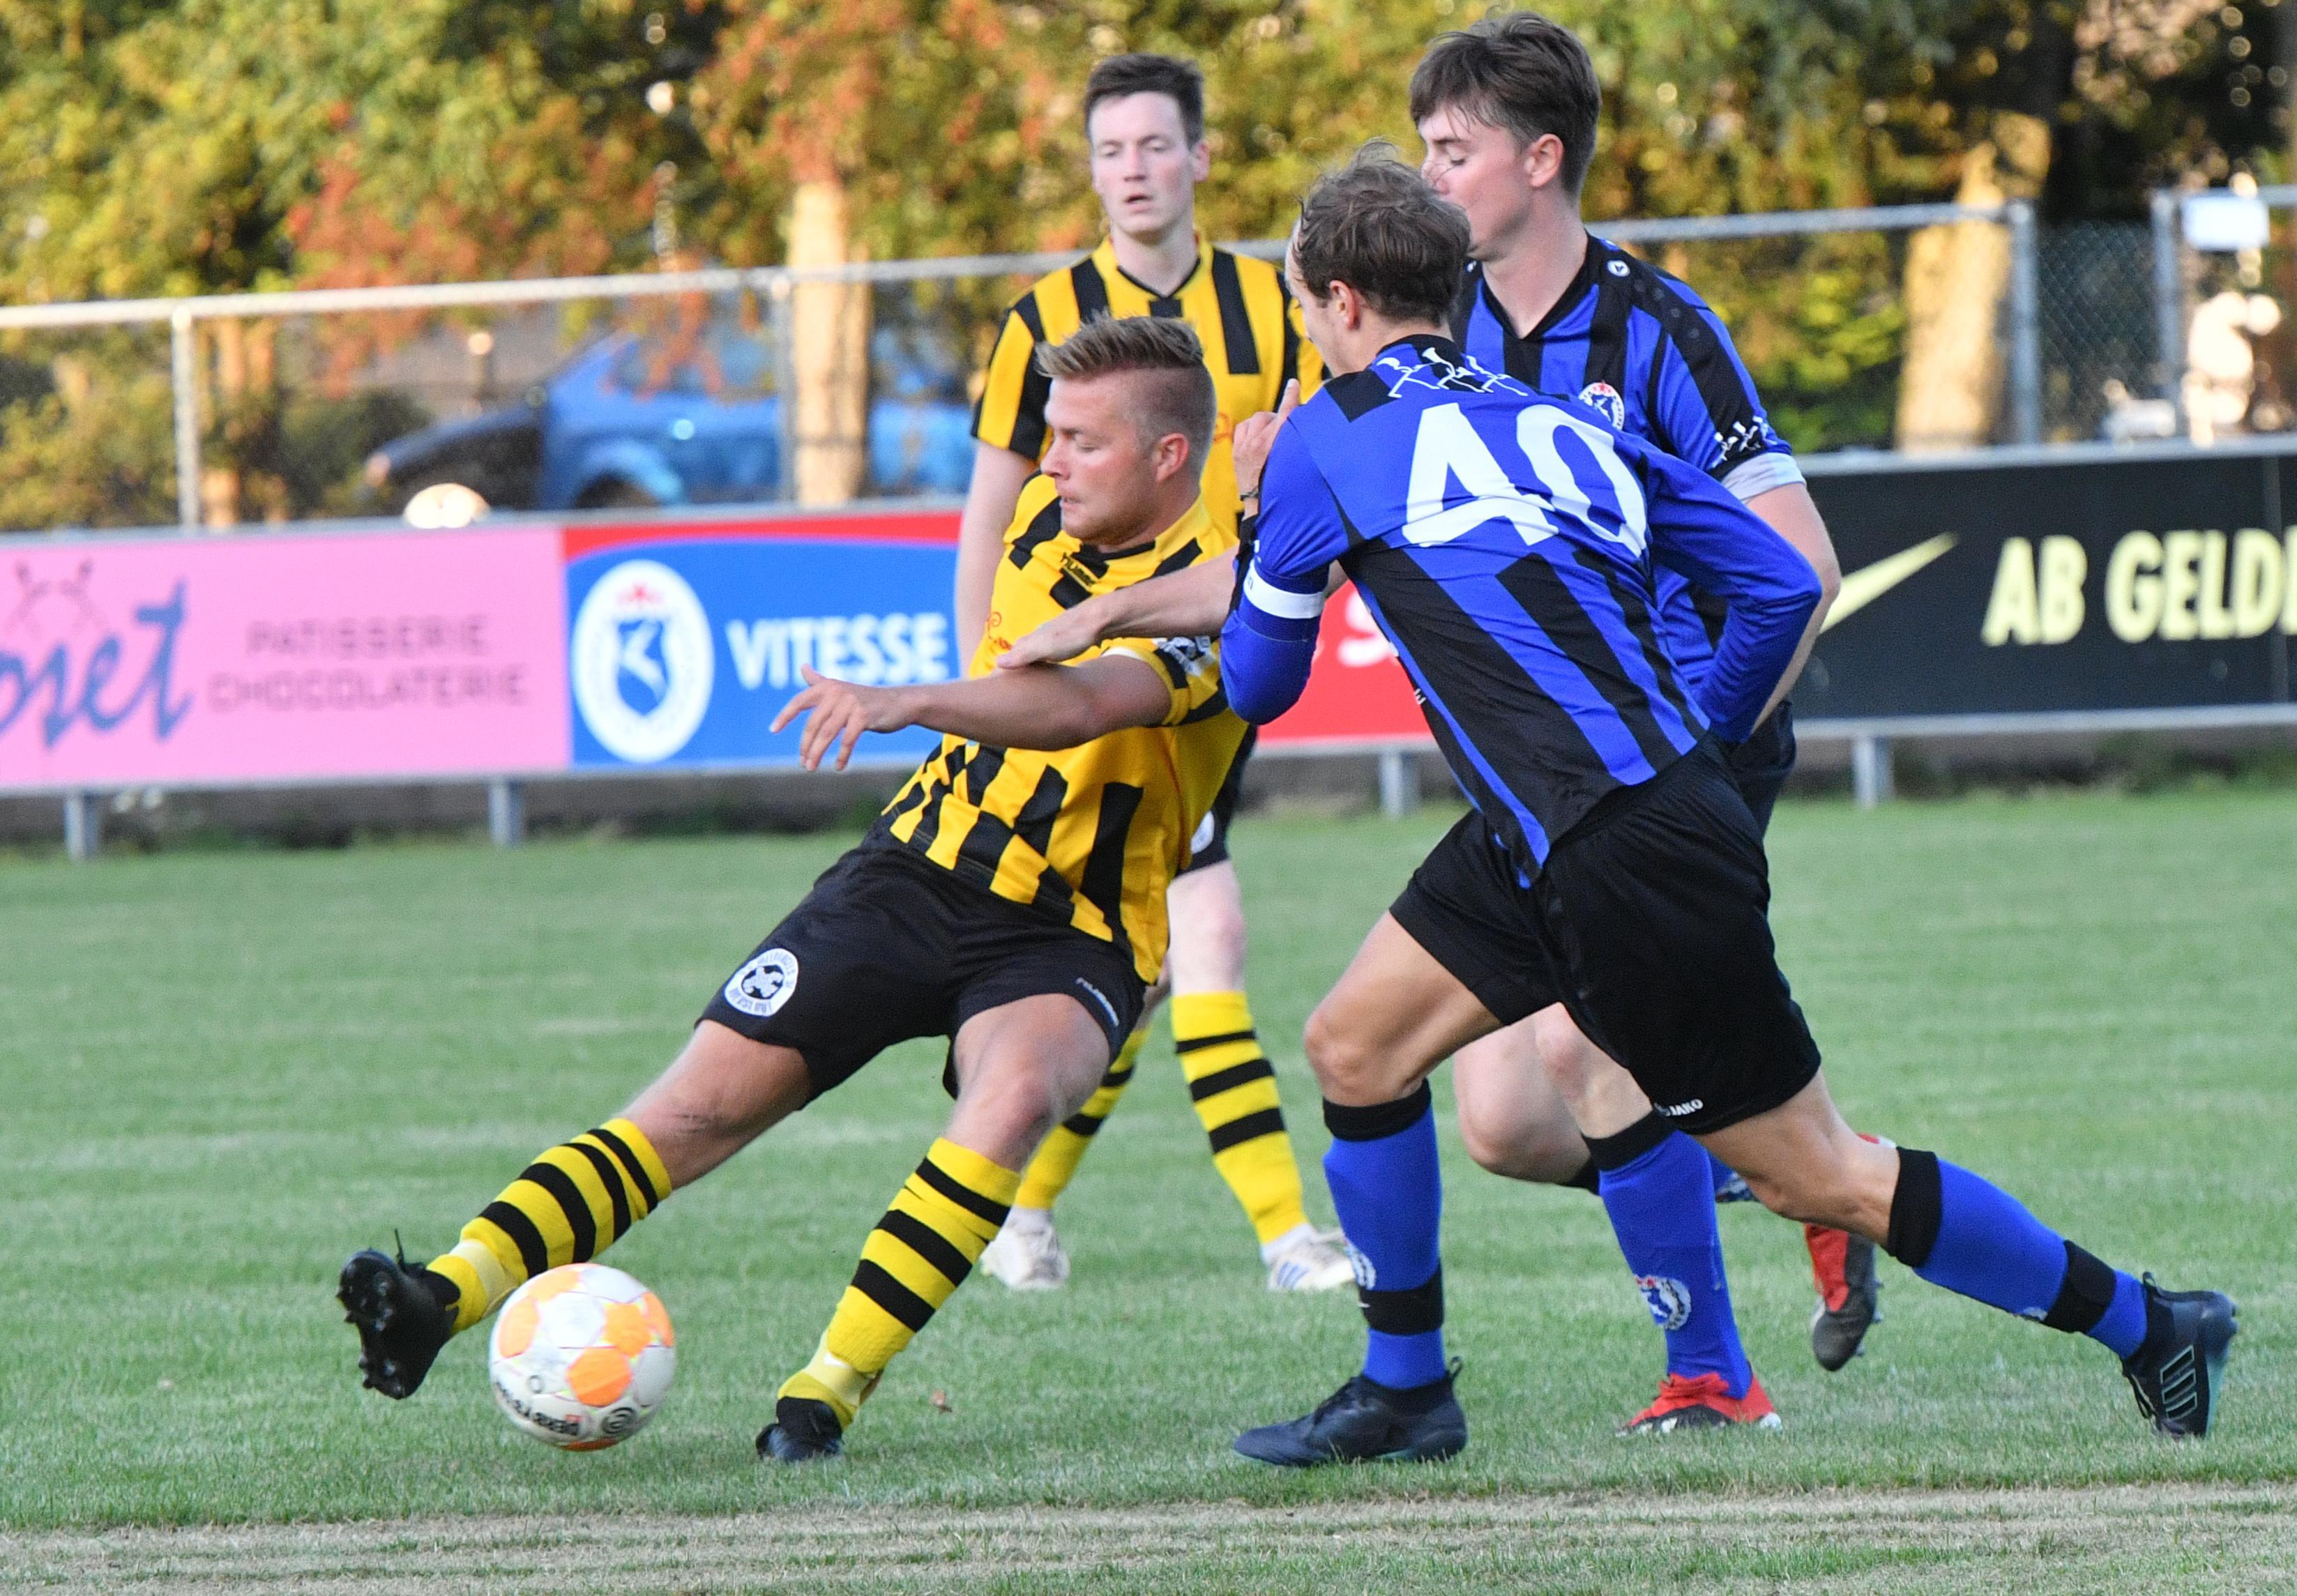 Voetbalclubs uit Castricum spelen toch nog een 'CAL Cup' in coronatijd